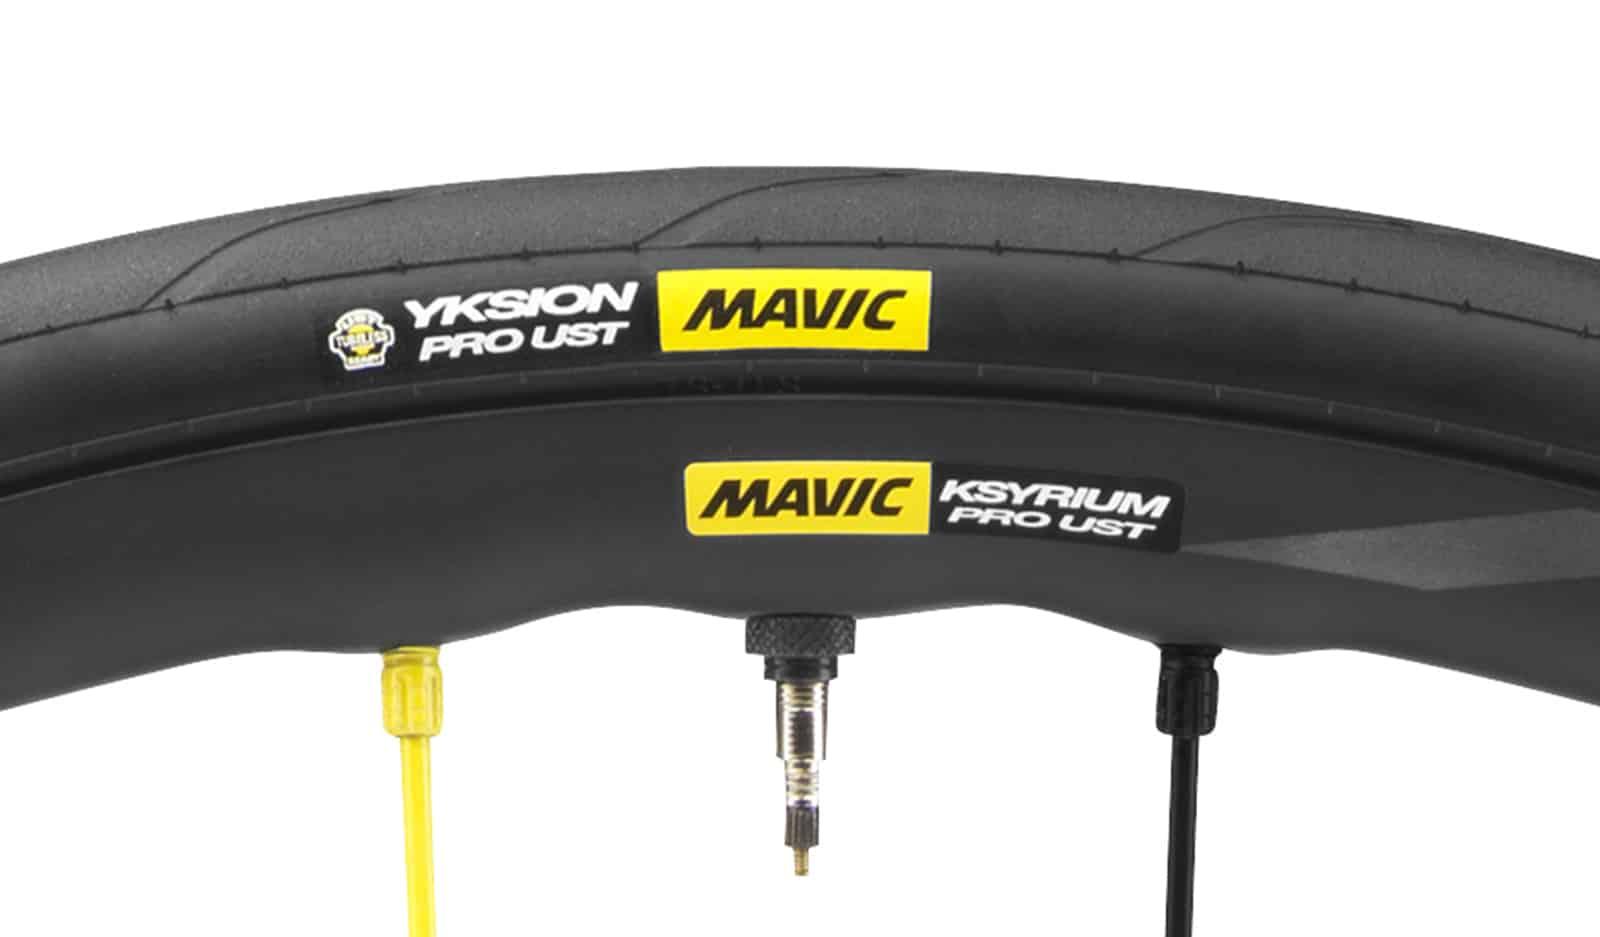 Rim dan ban sepeda mavic dengan sertifikat UST